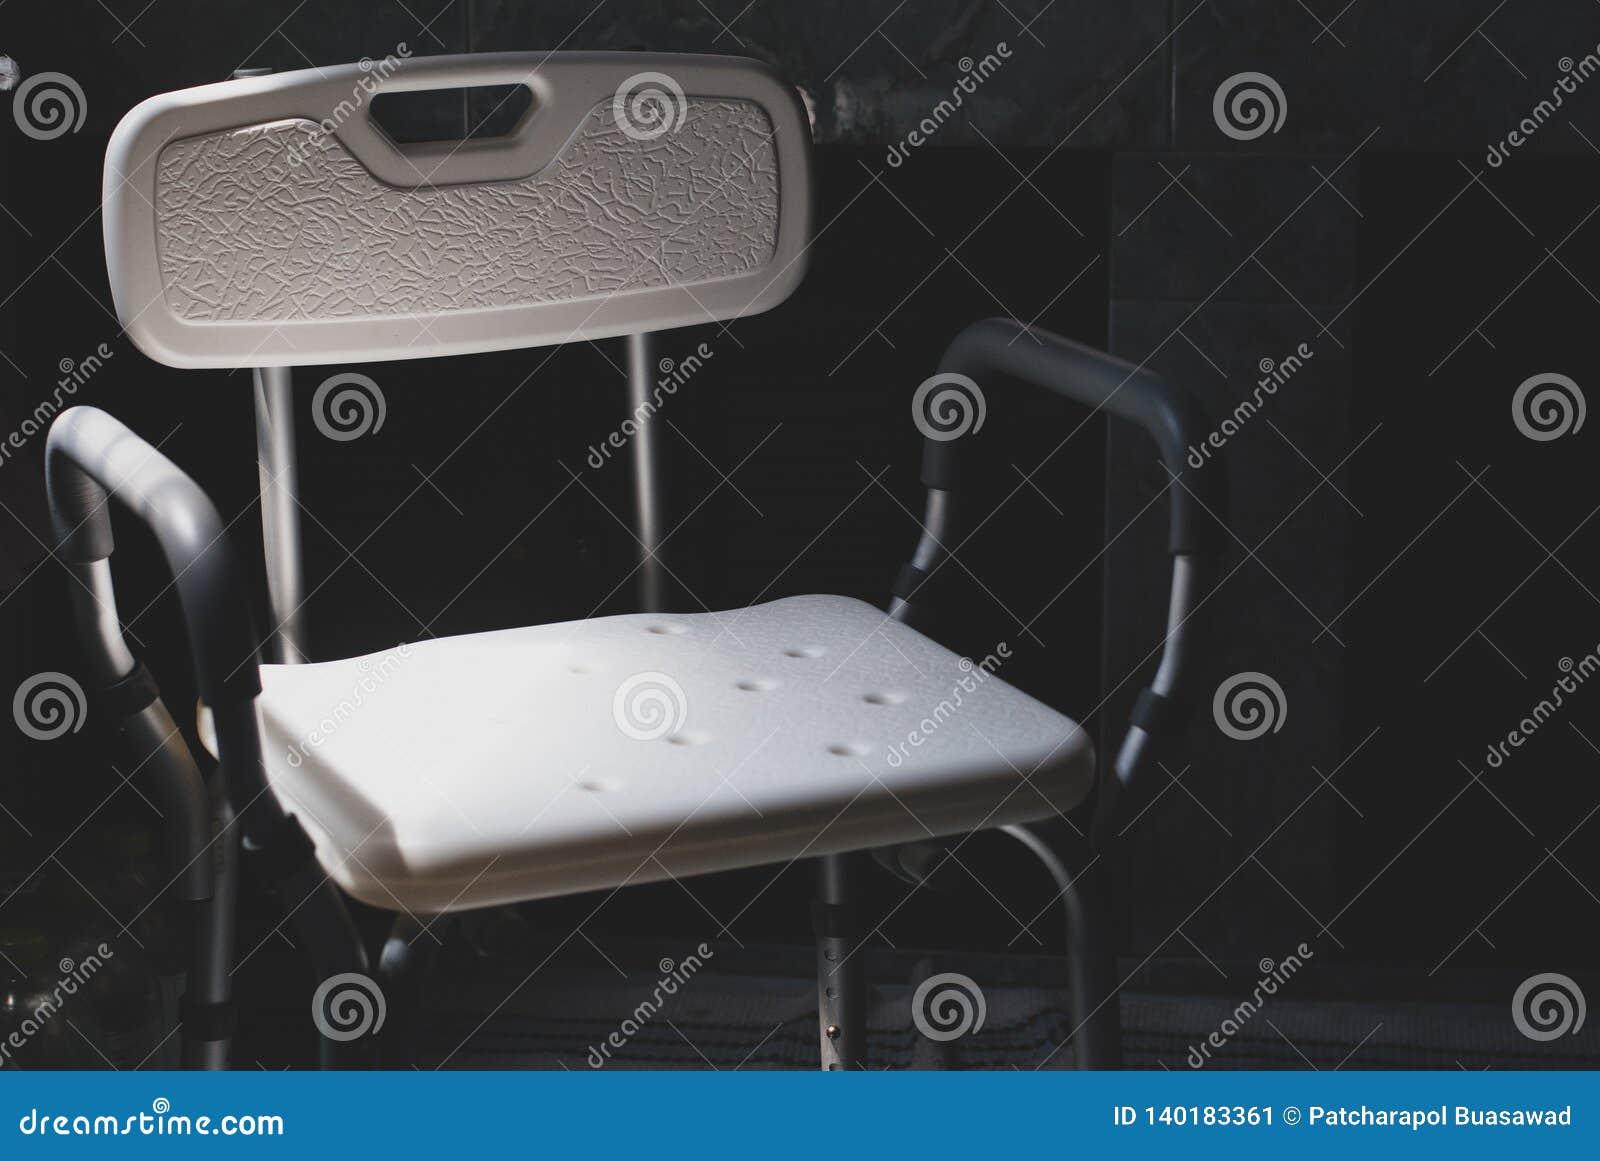 La sedia di bagno di plastica per l inondazione dei disabili o dell anziano messa nella luce lasciante scura viene dalla parte di